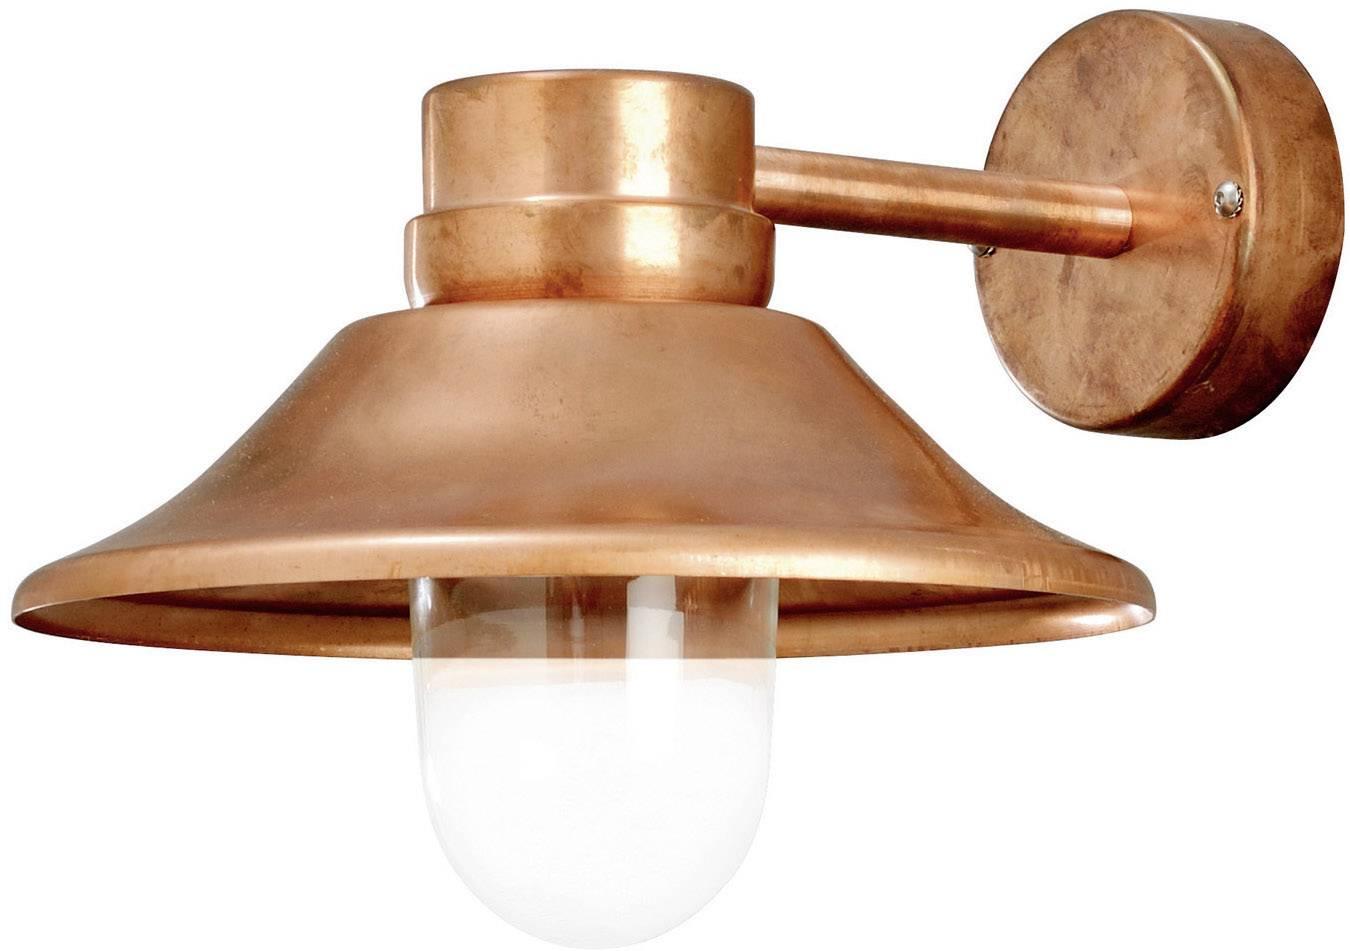 Lampade Da Parete Per Esterni : Lampada da parete per esterni a led w bianco caldo konstsmide